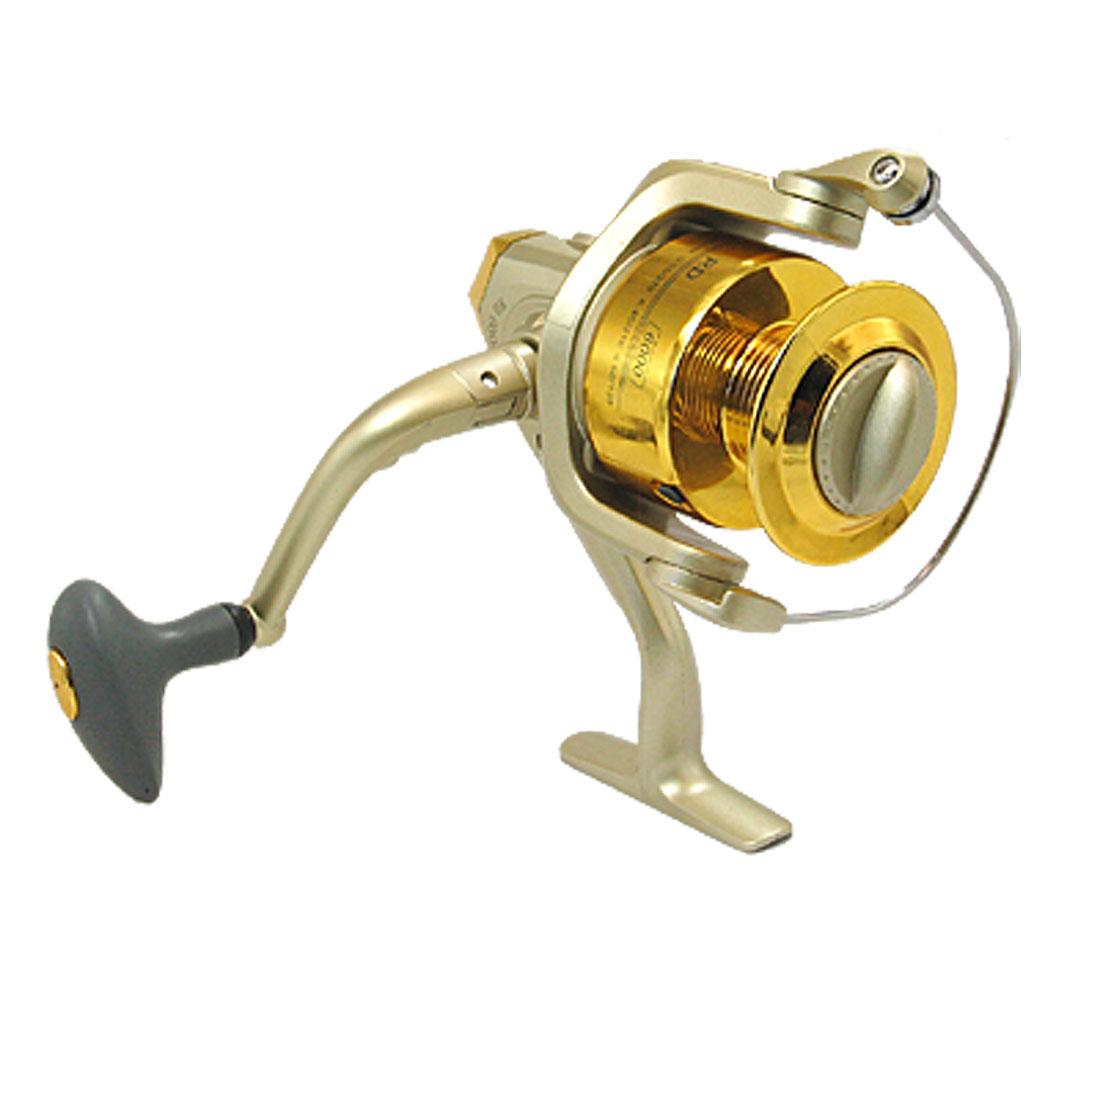 5 Ball Bearings Spinning Reel RD6000 Reels Plastic Spool